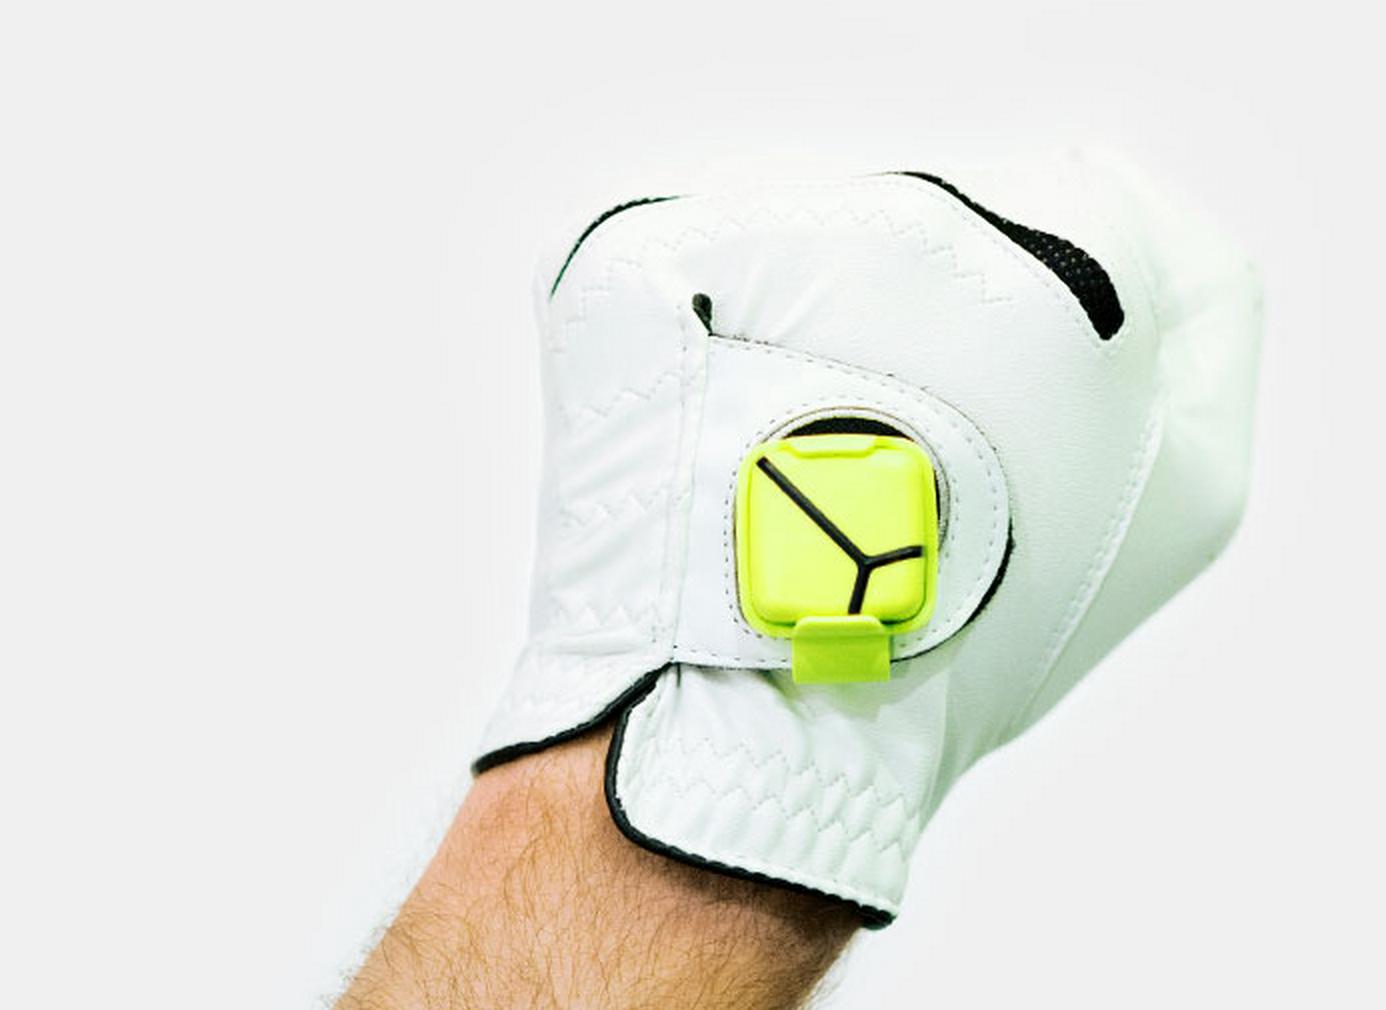 Zepp Golf: analizzate il vostro swing direttamente da iPhone e iPad | CES 2014 [Video]